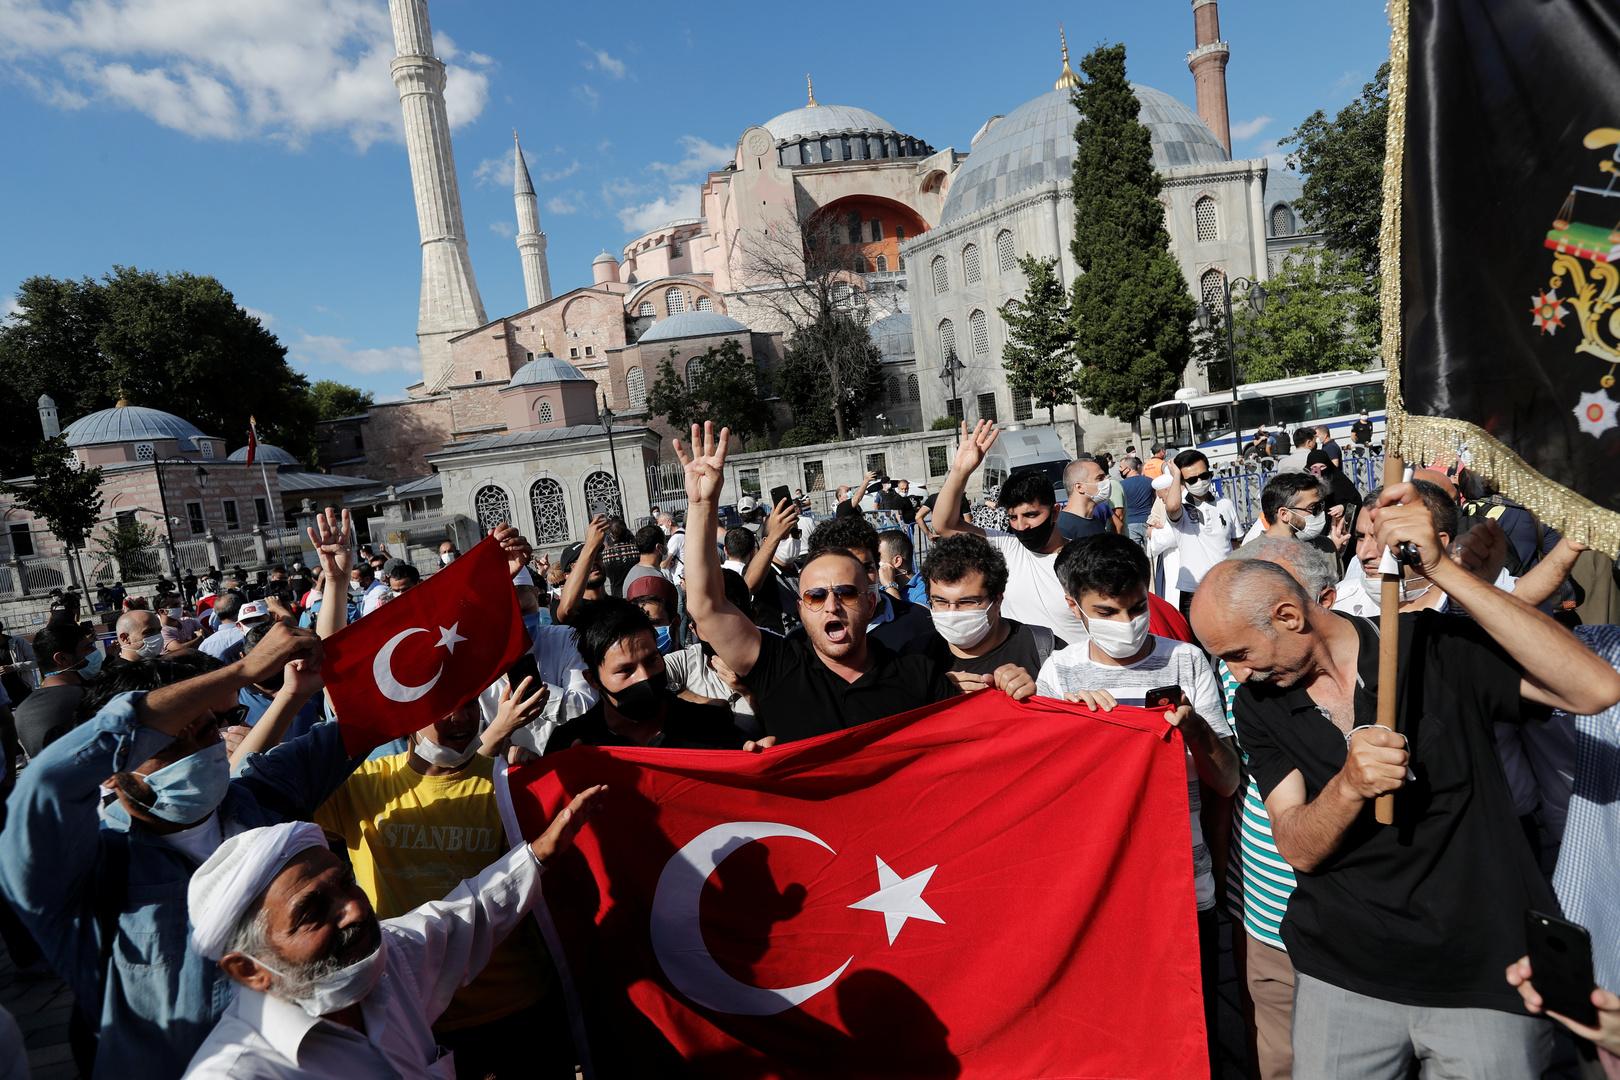 اليونان: تحويل آيا صوفيا إلى مسجد استفزاز بحق العالم المتحضر ويدفع تركيا إلى الوراء 600 عام